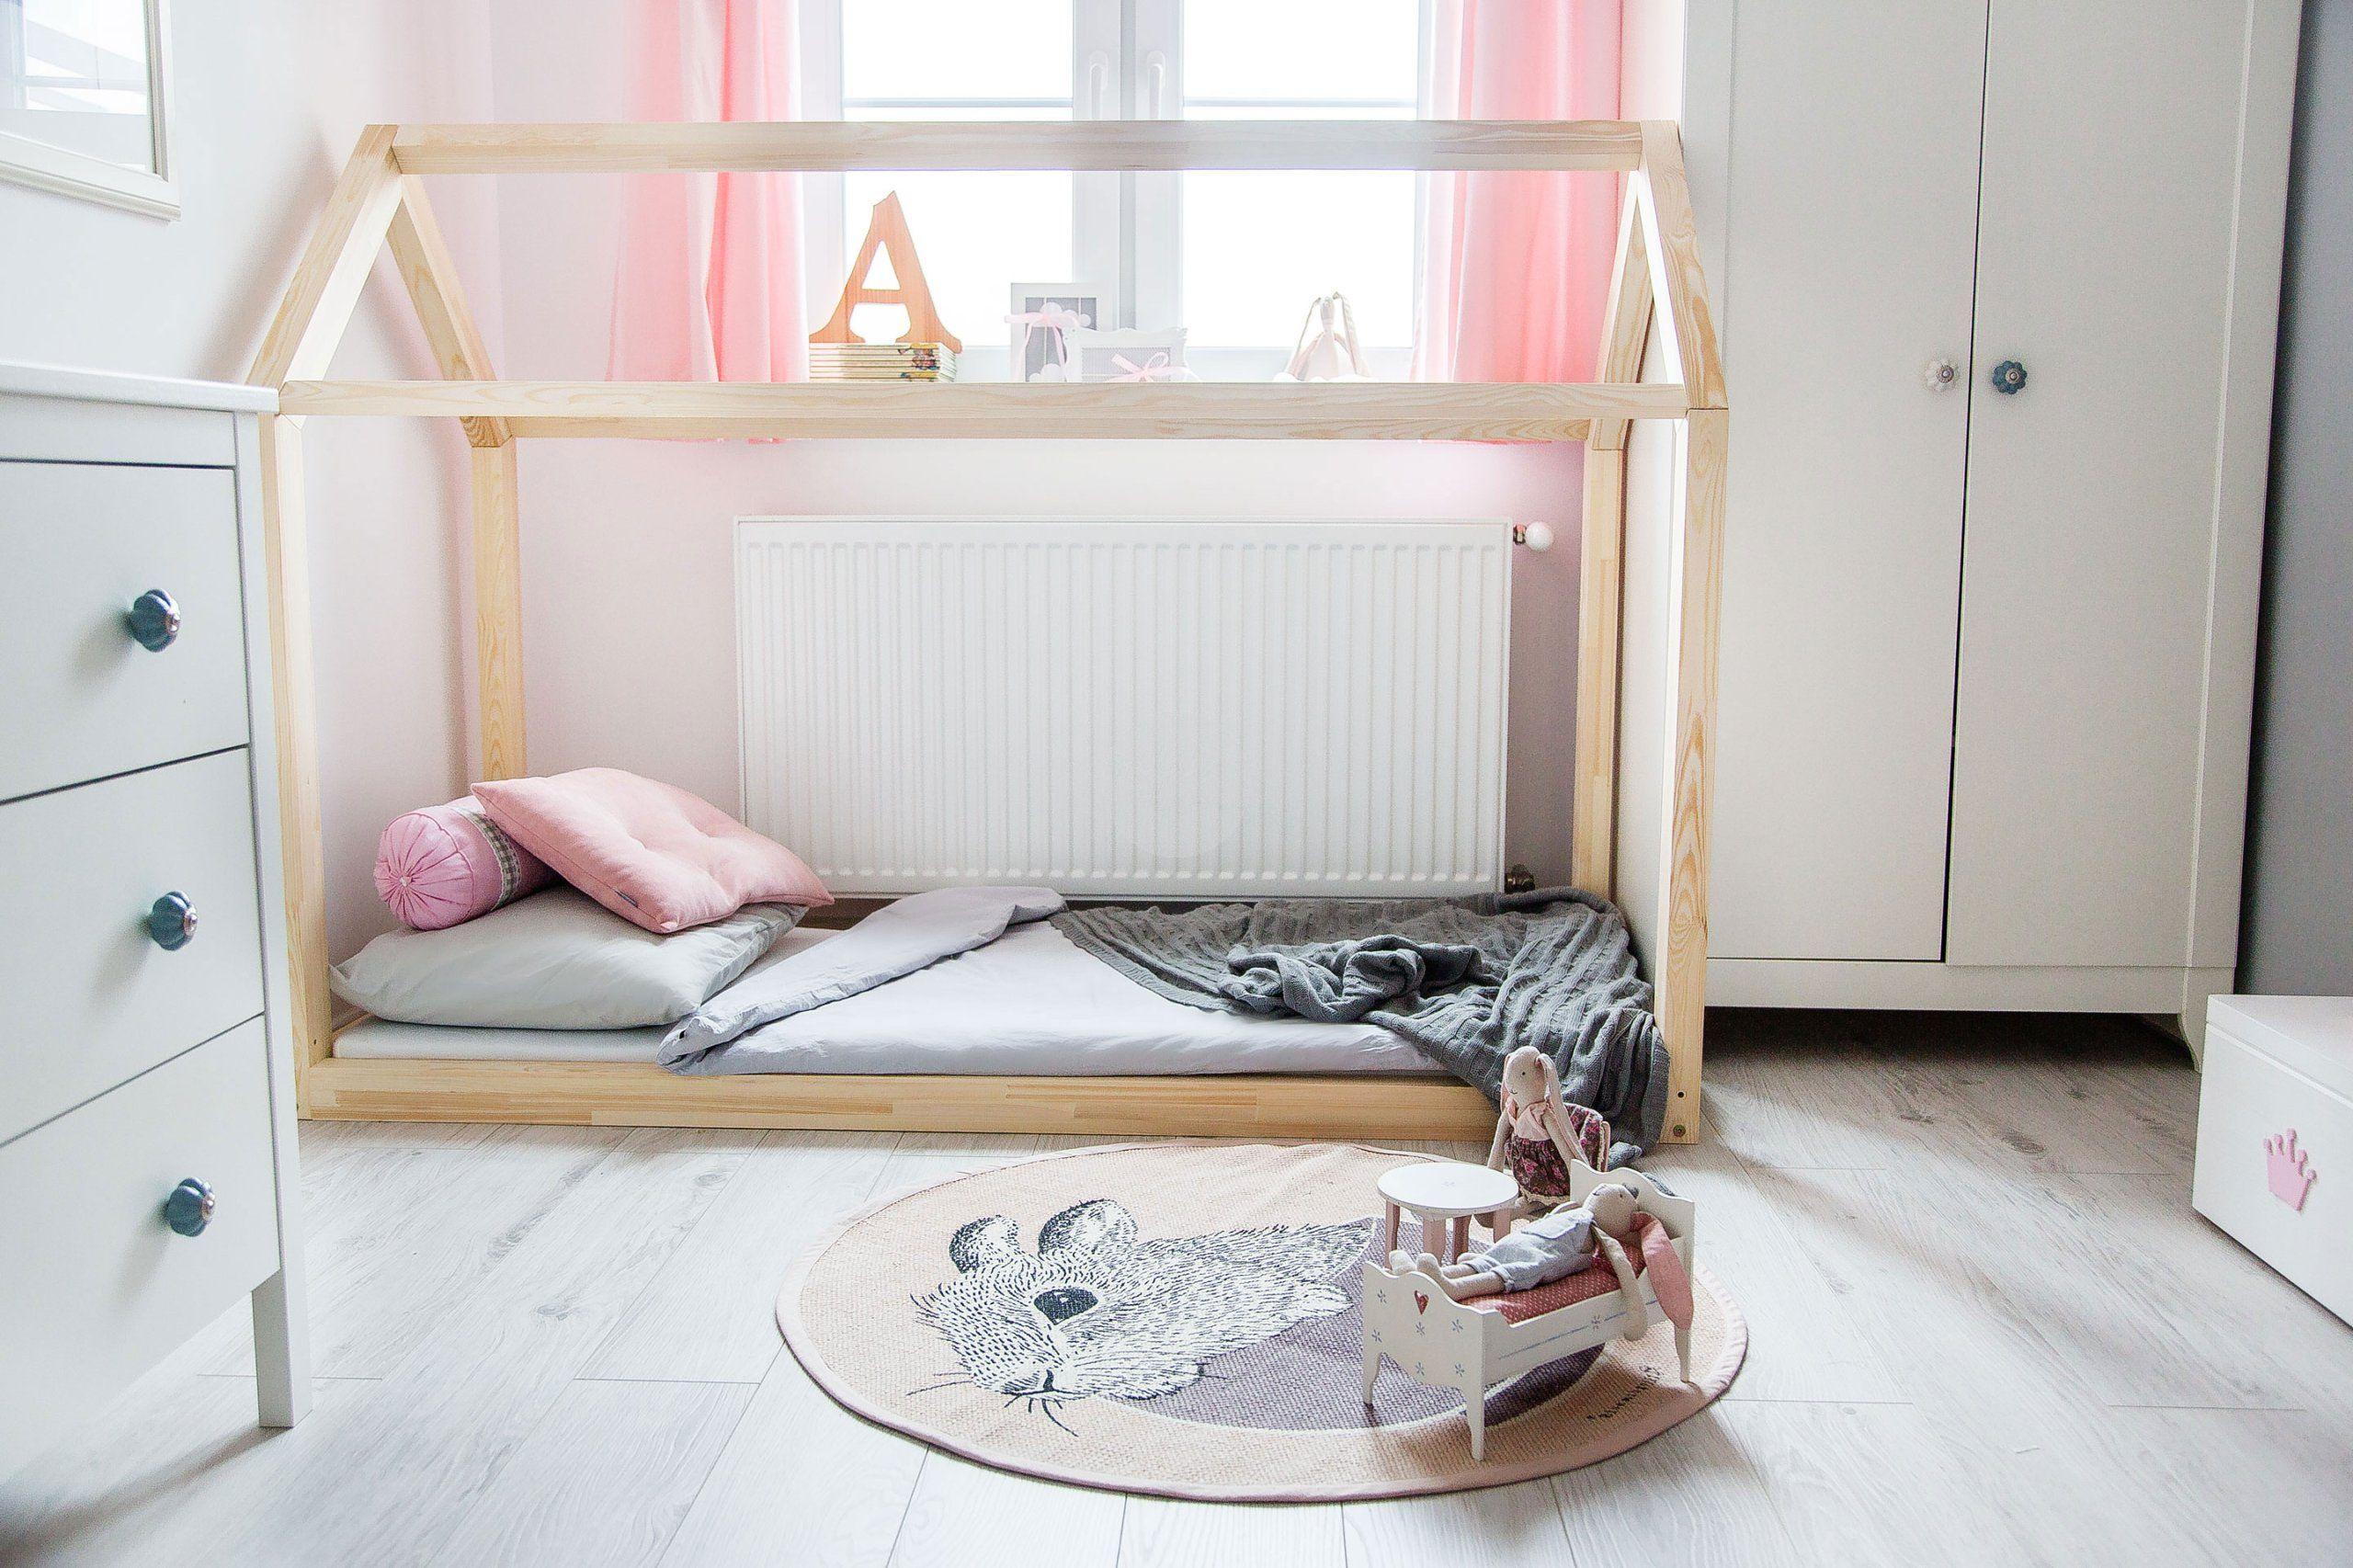 Drewniane łóżko Dziecięce Domek Talo D2 70x160 Dziecko